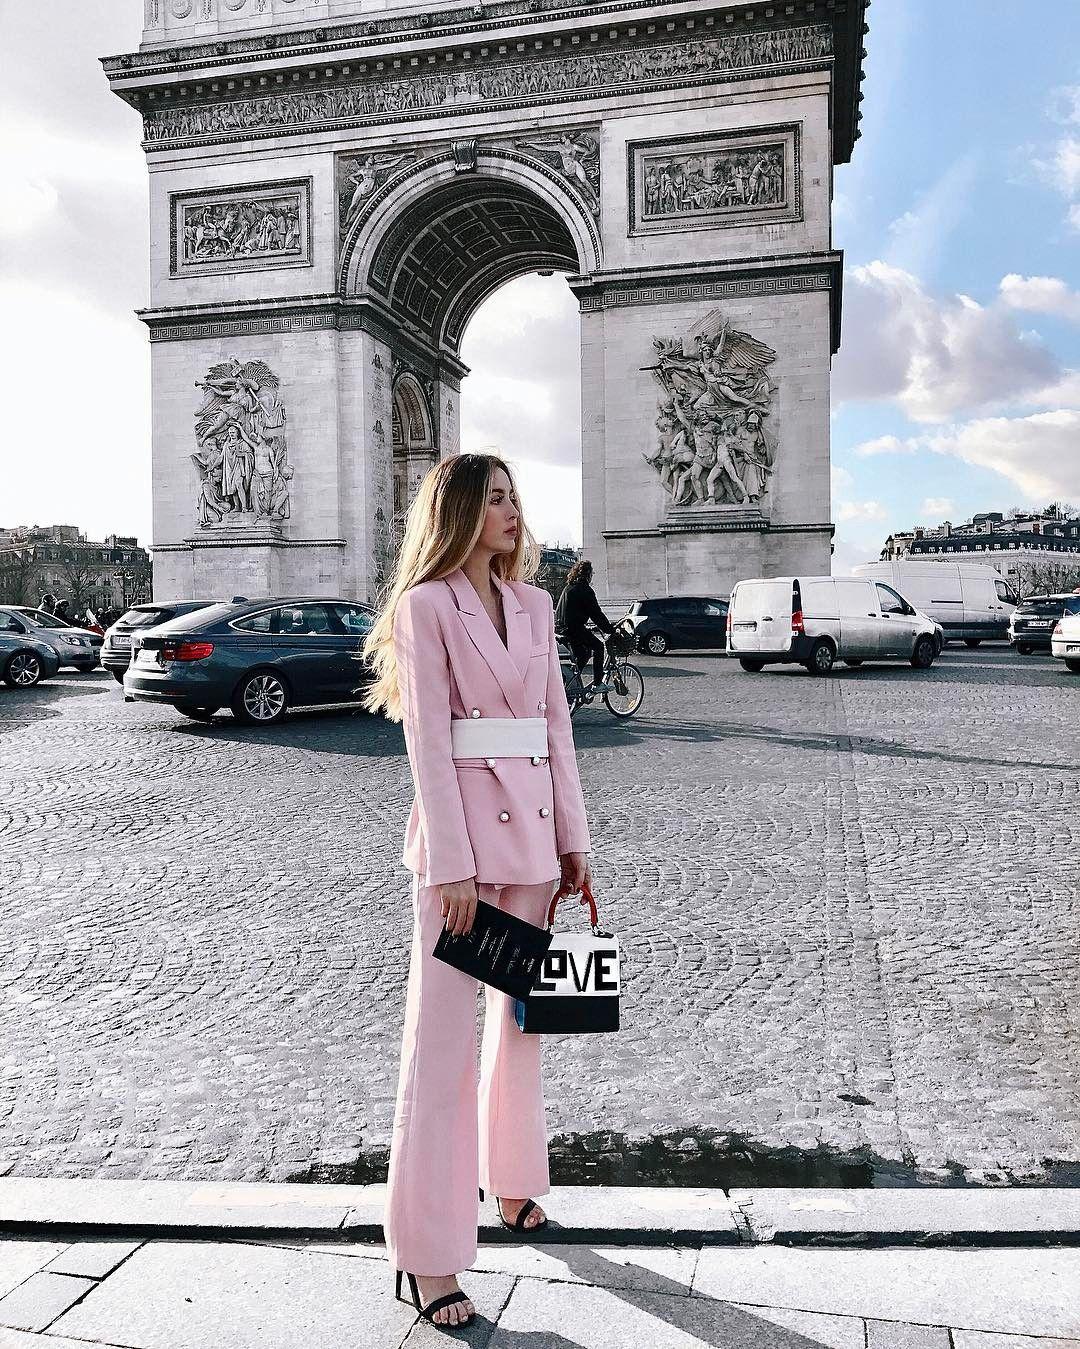 ROSA CRESPO - NYC Blogger (@imrosacrespo) • Instagram photos and videos